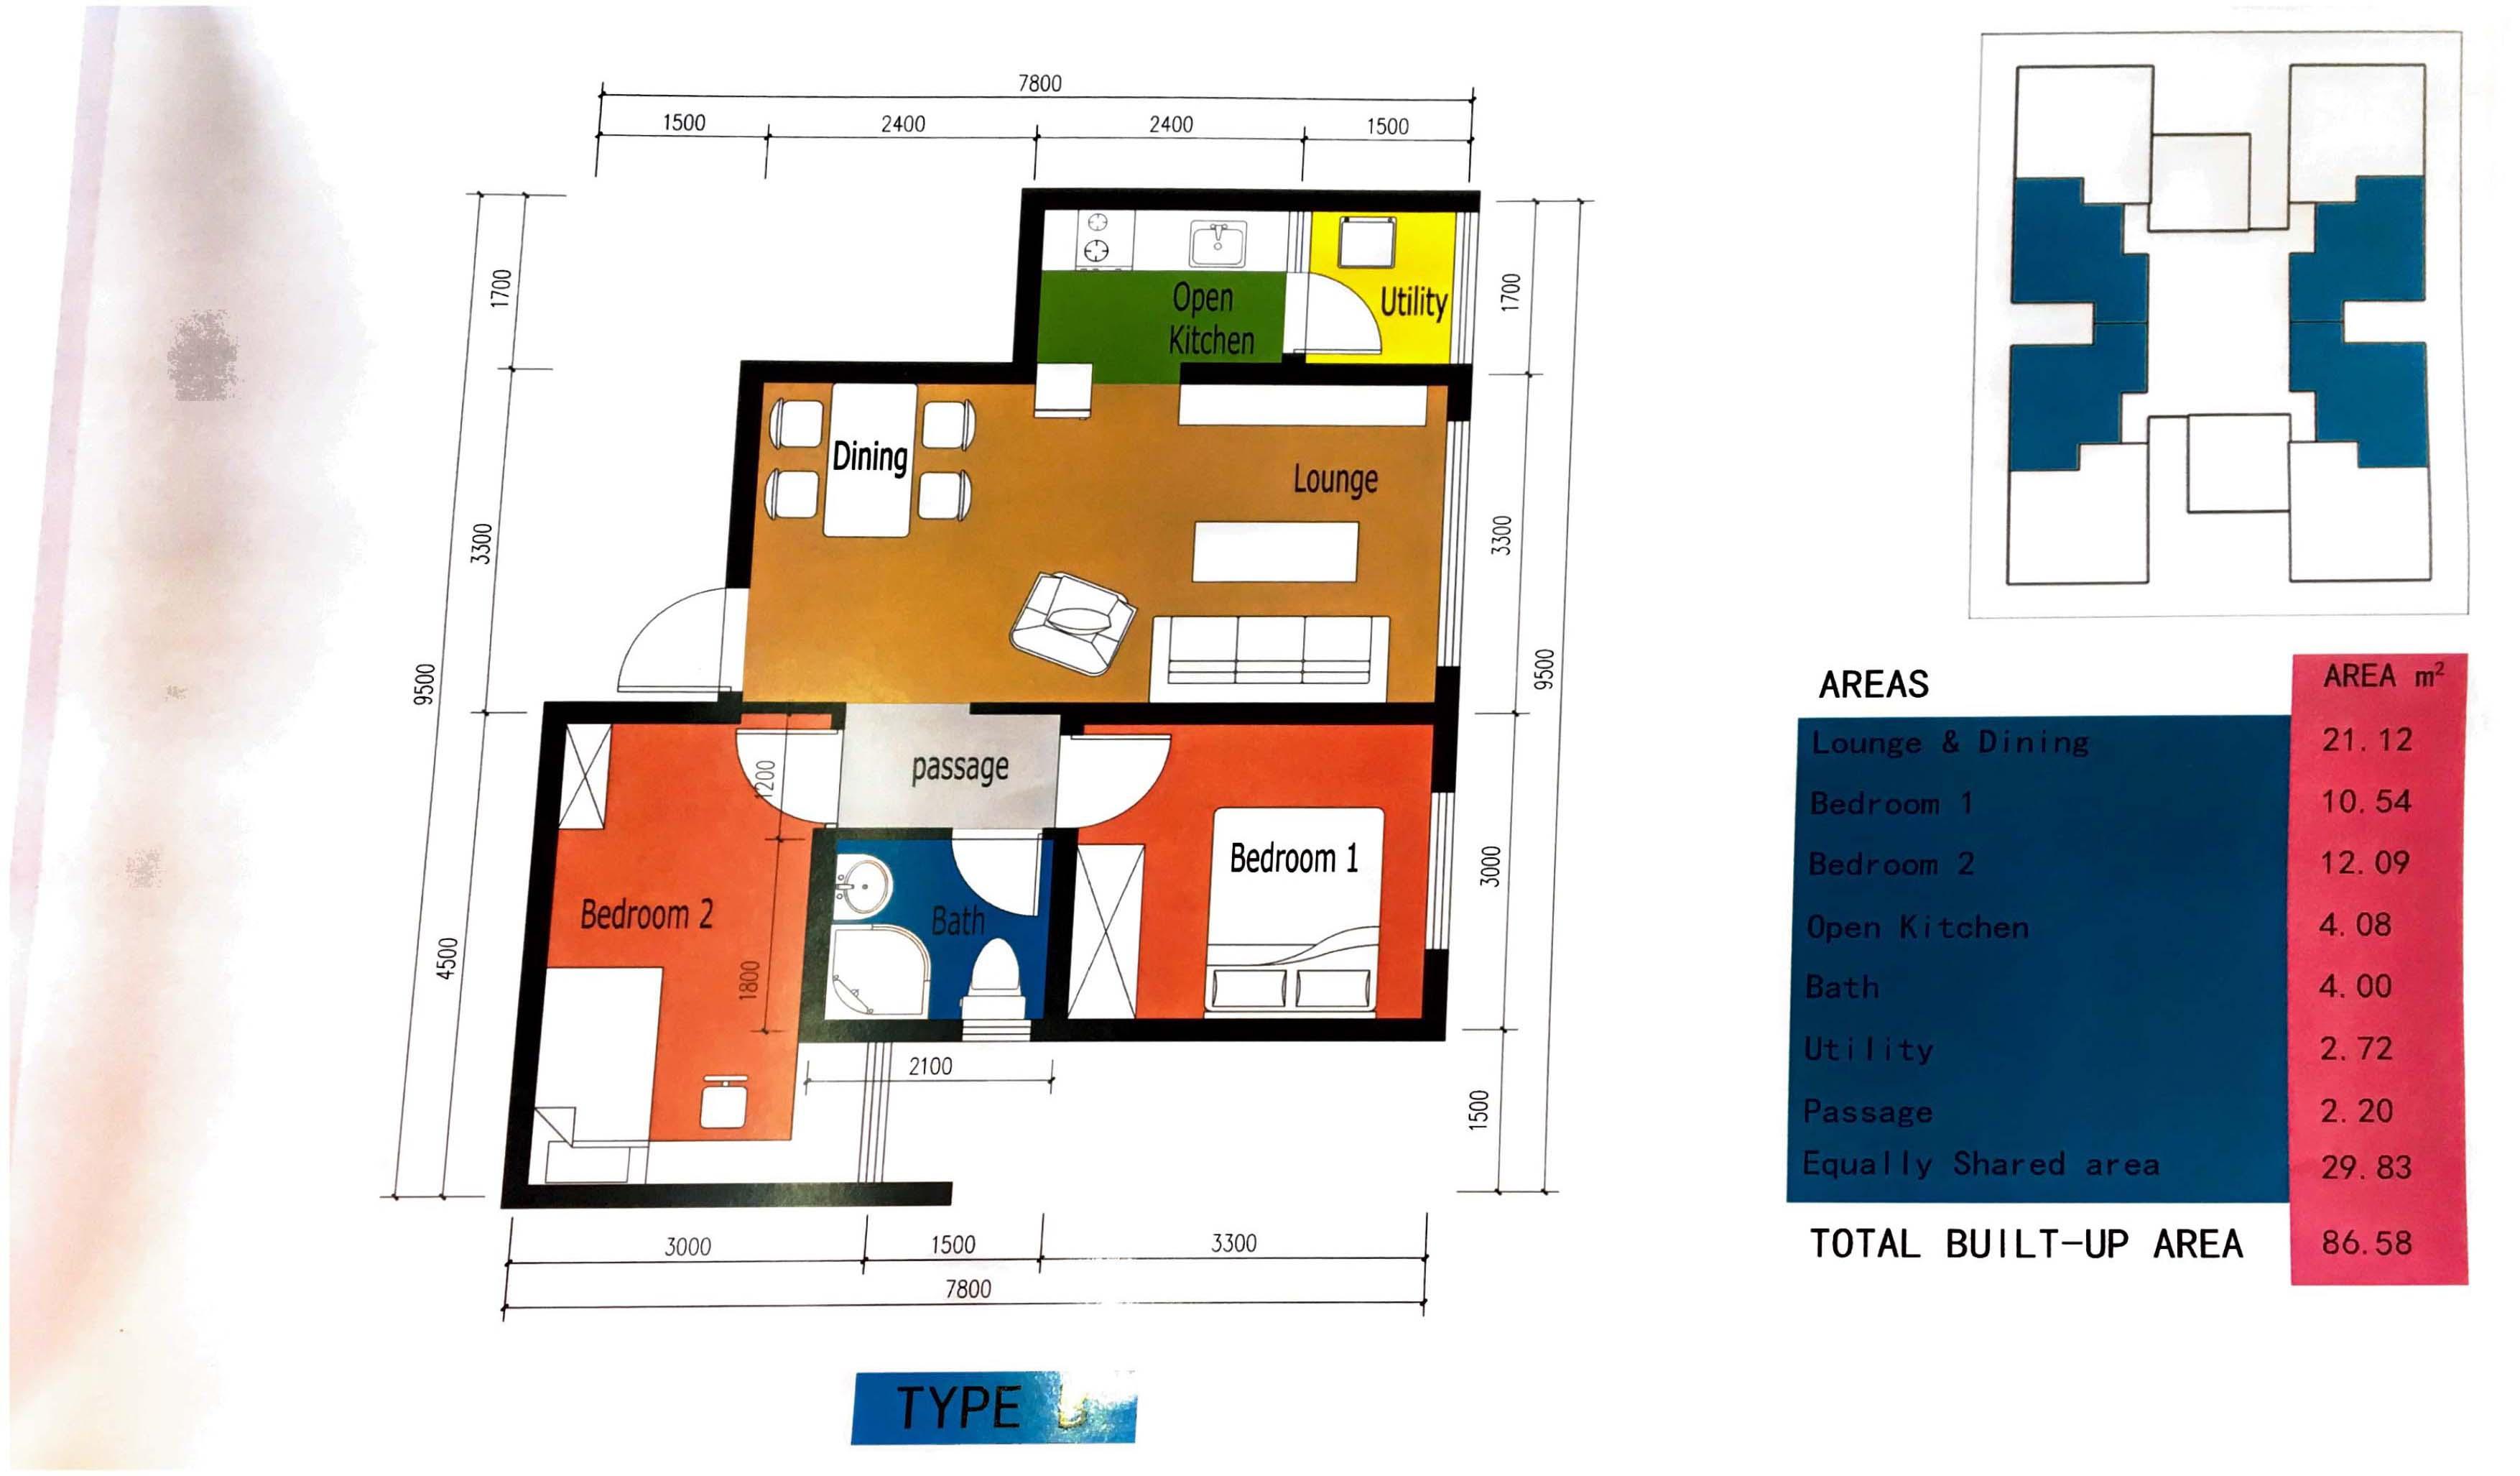 TYPE B 2 BEDROOM FLOOR PLAN